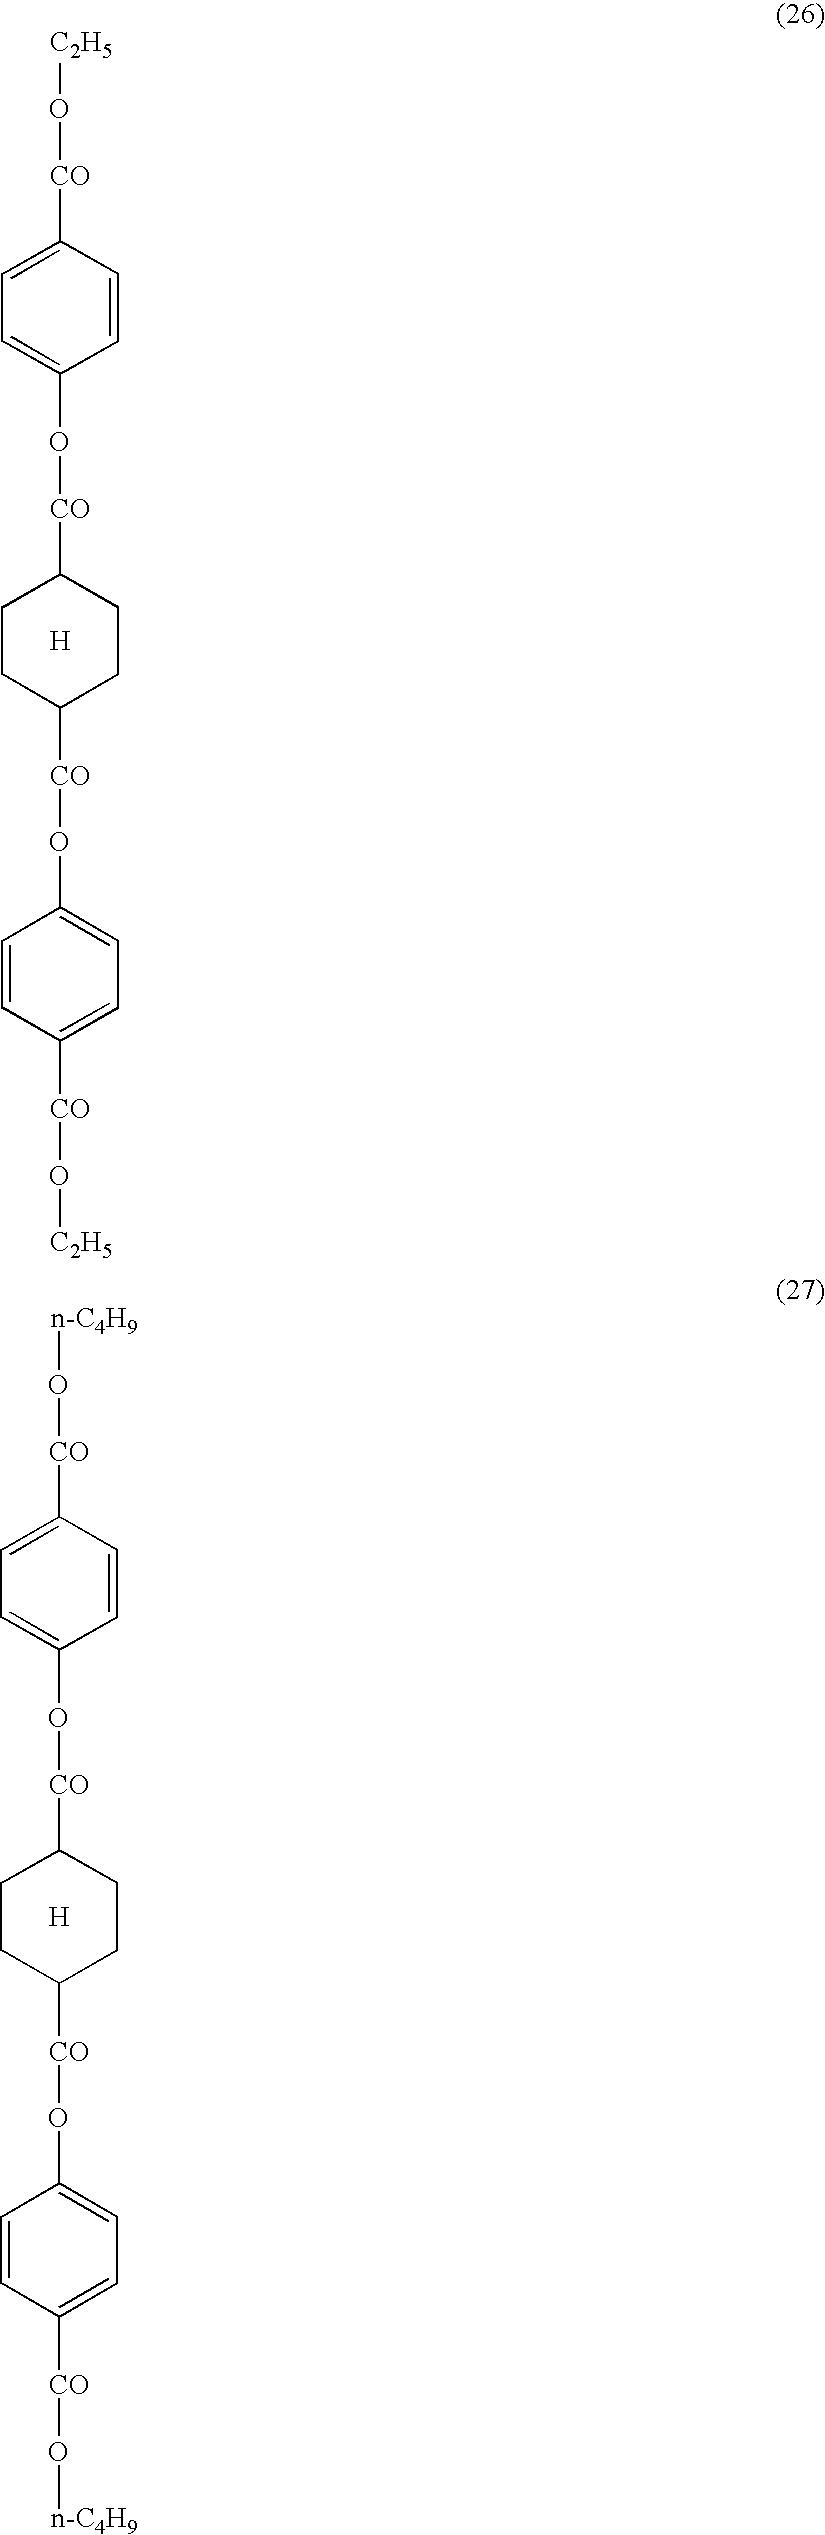 Figure US20090079910A1-20090326-C00013